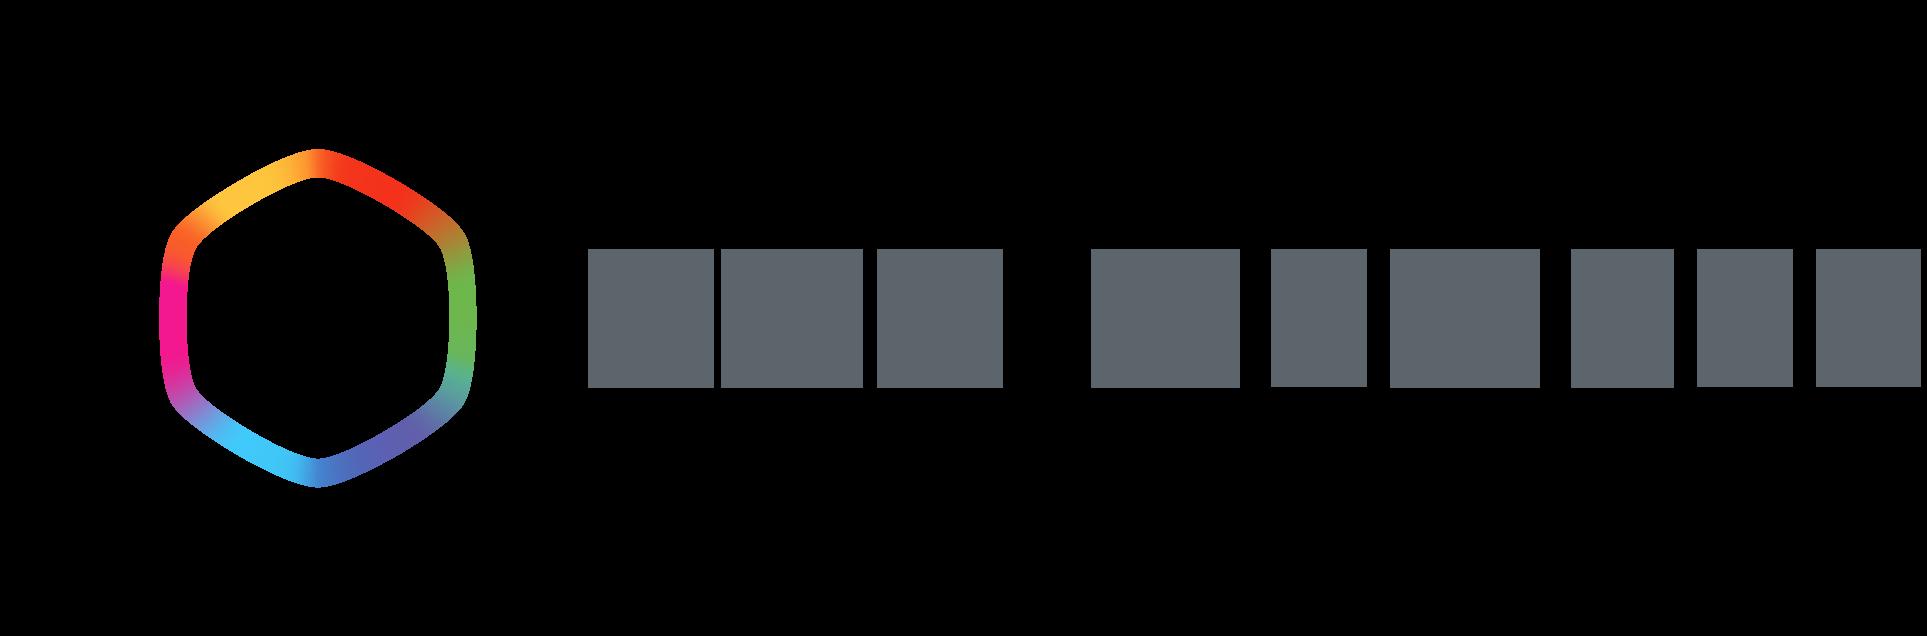 Dan Member